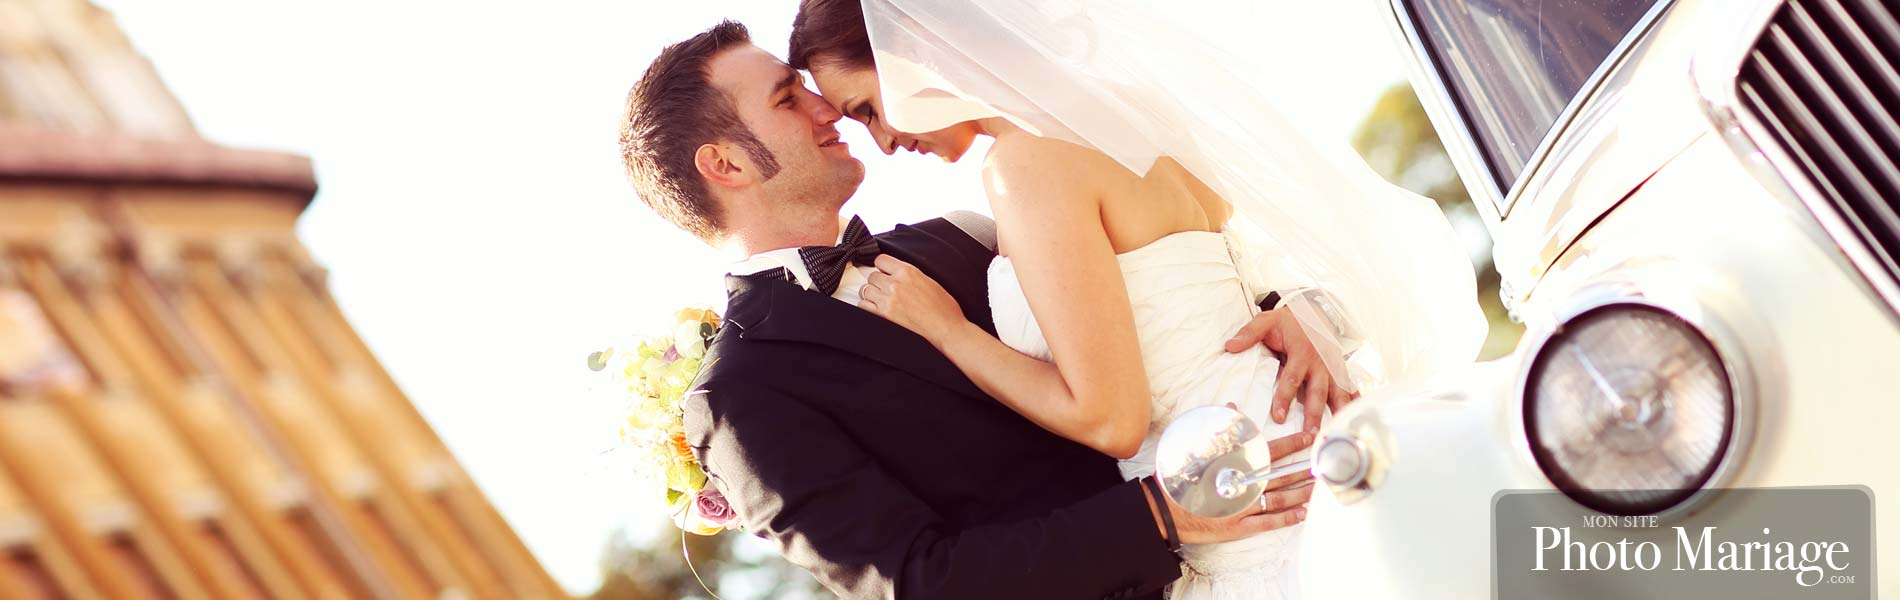 Partagez votre mariage en toute sécurité